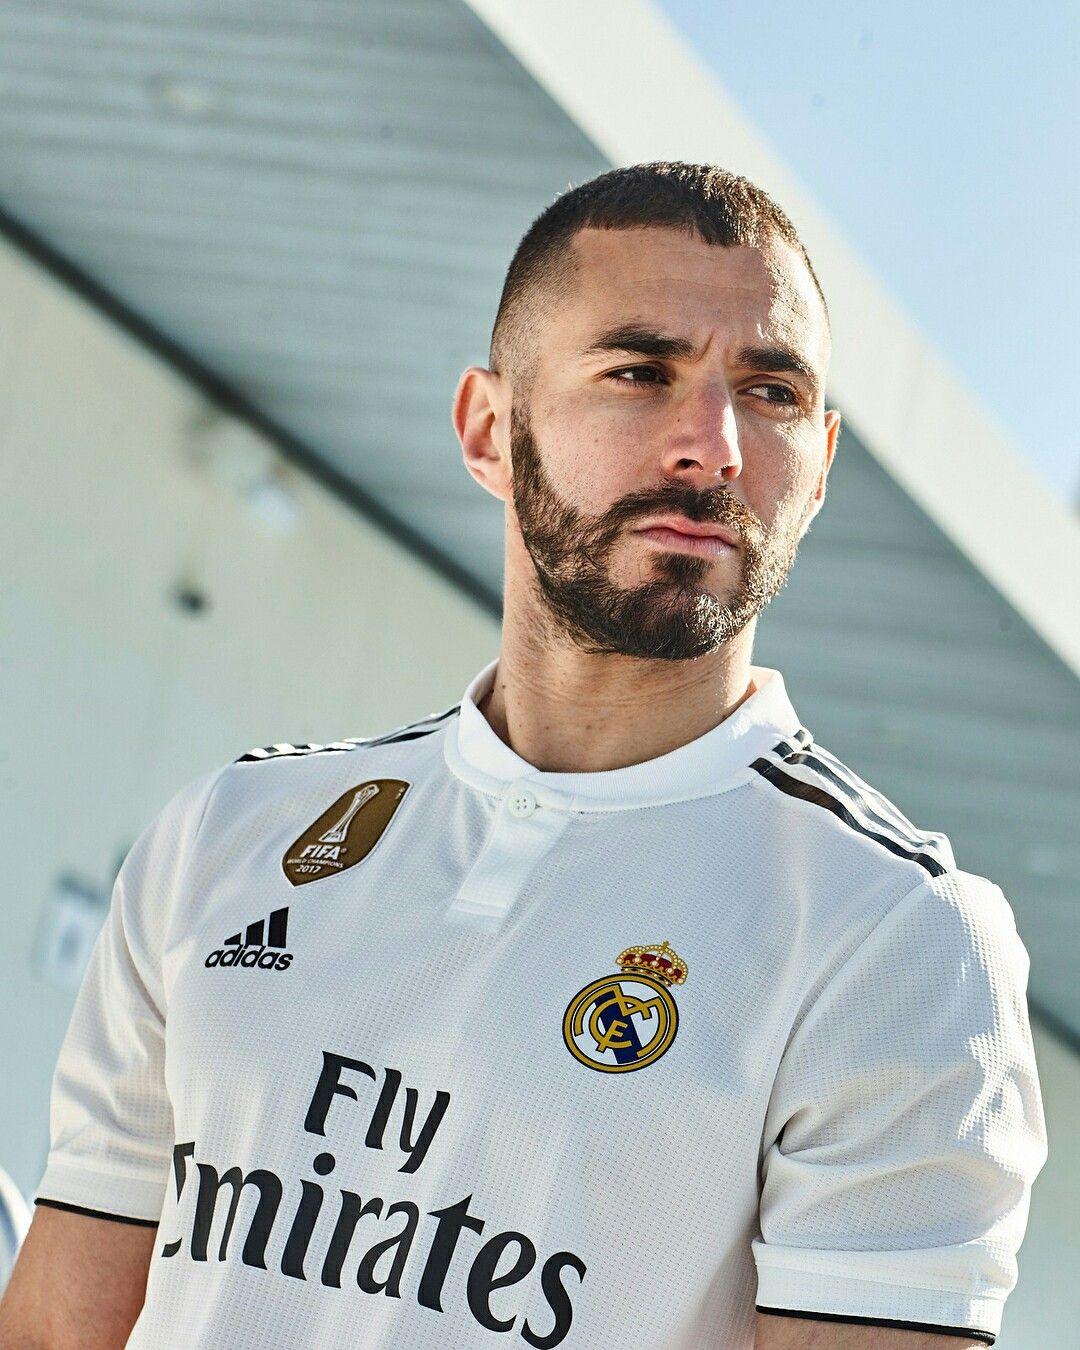 Nueva Camiseta Del Real Madrid 2018 19 Camisetas 1b4582e2a994c